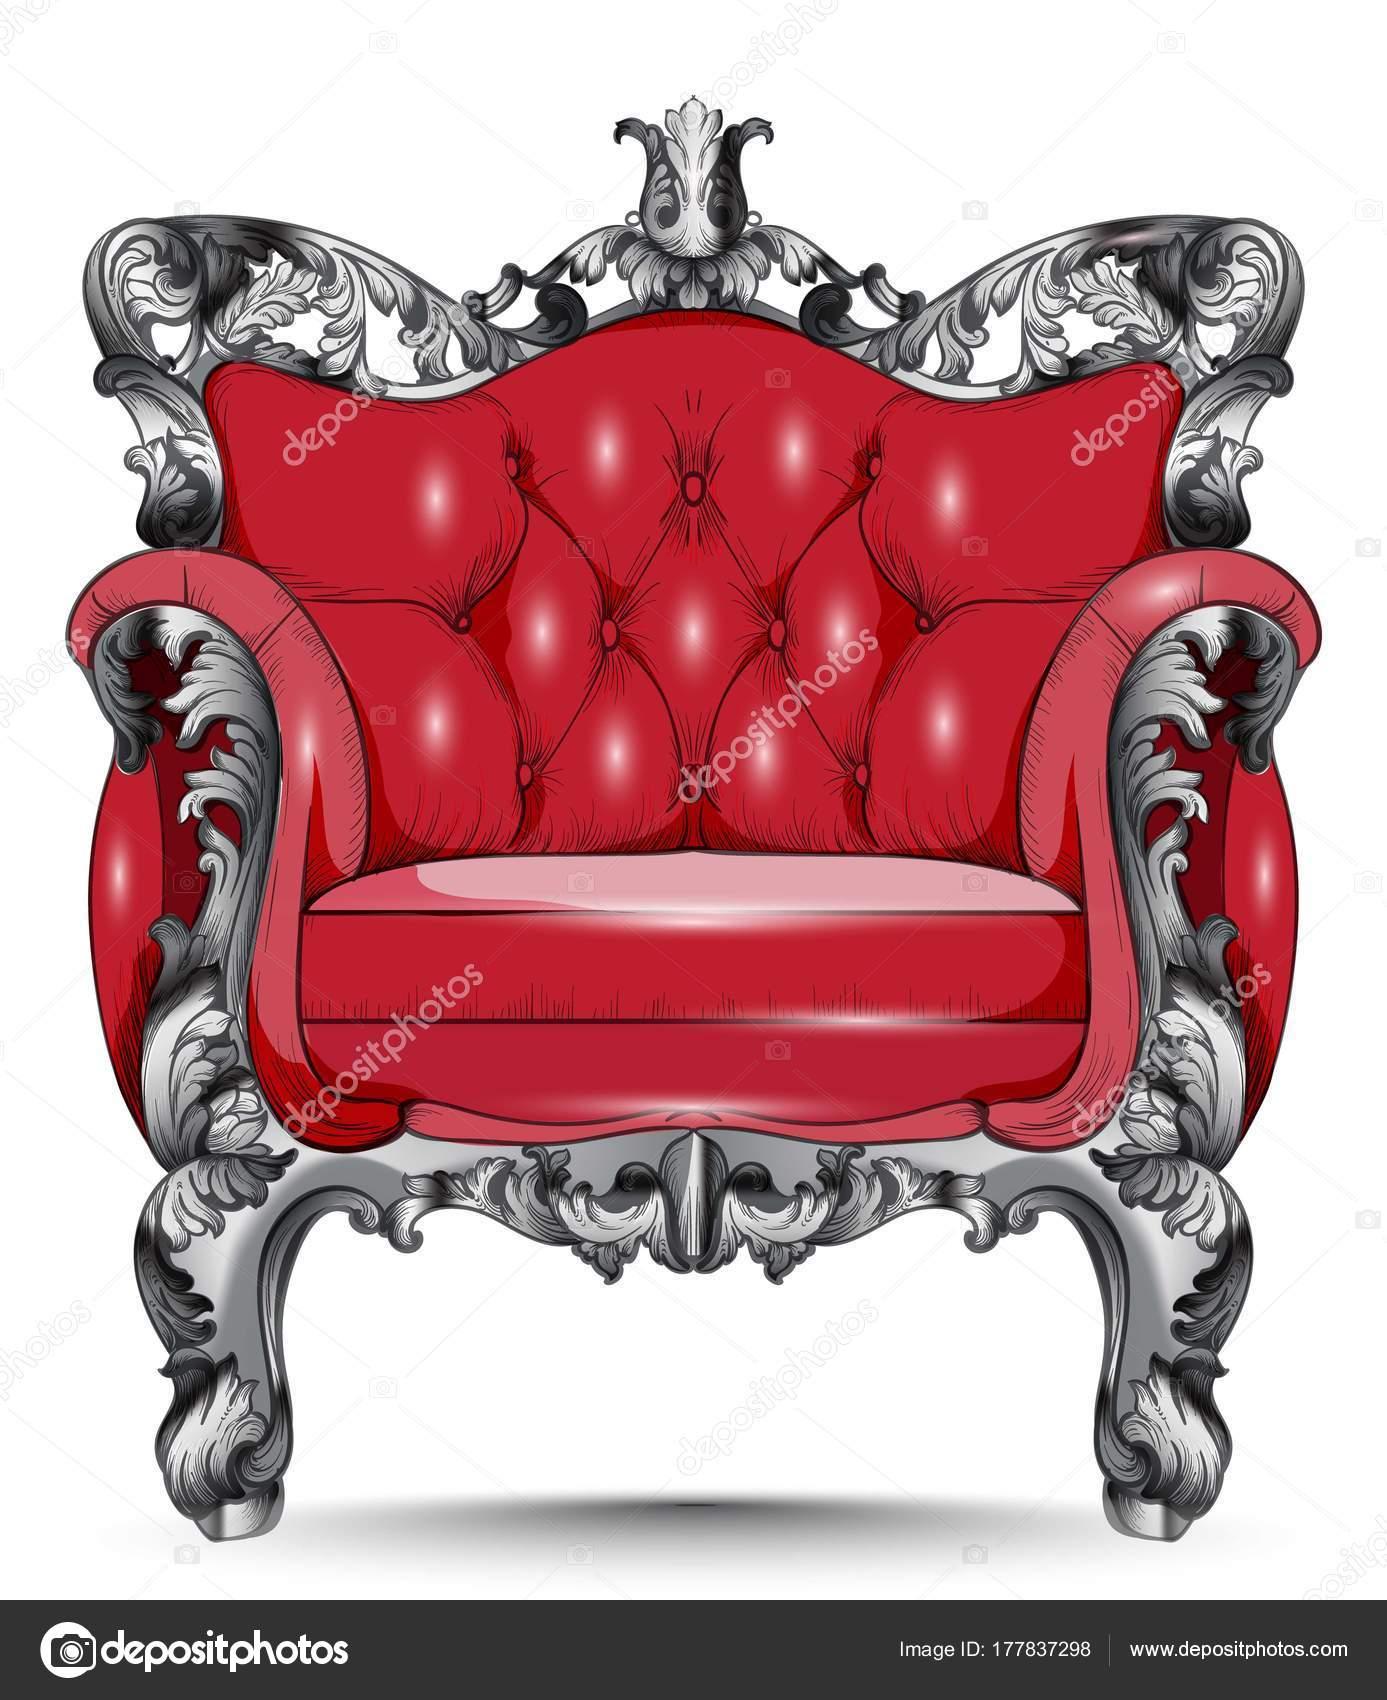 Sillón rojo barroco. Muebles con estilo victoriano decorada tela ...